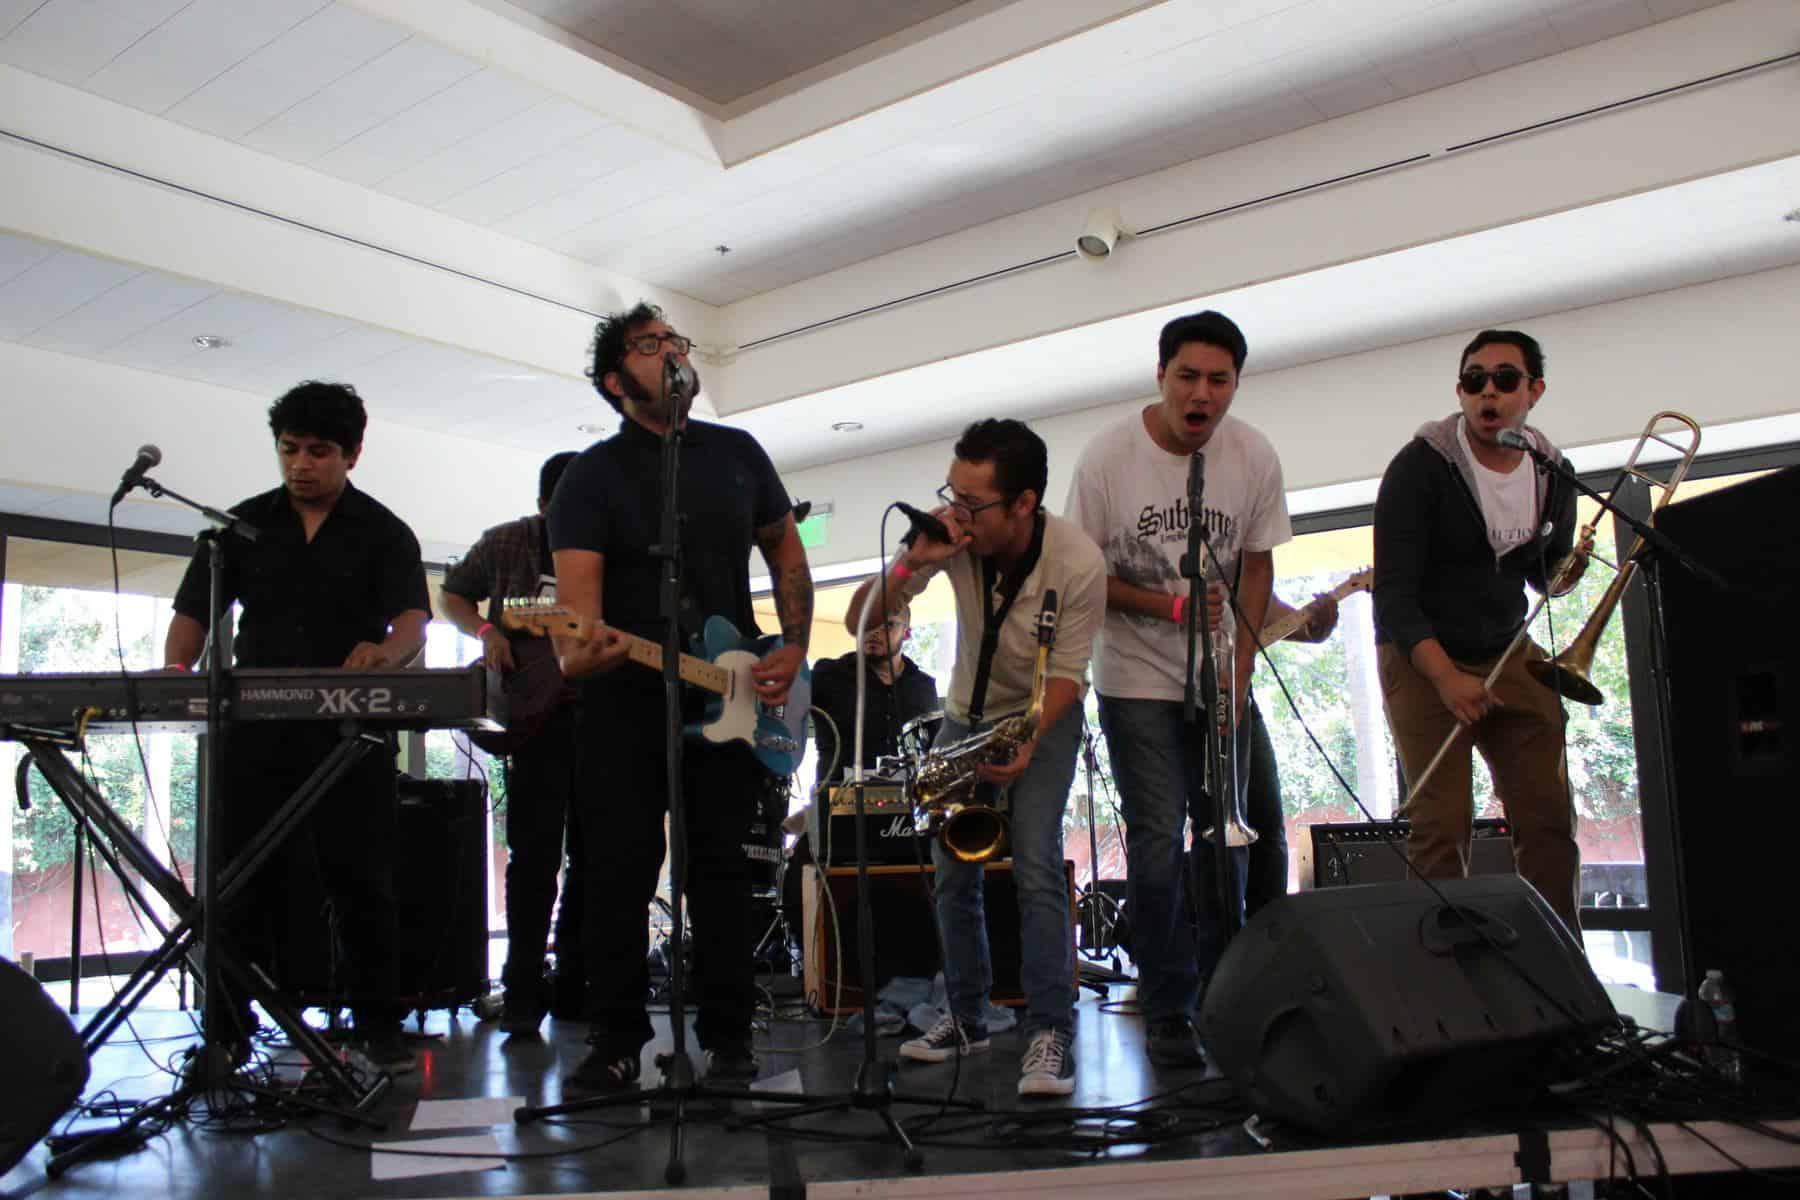 Six Member Band Performing